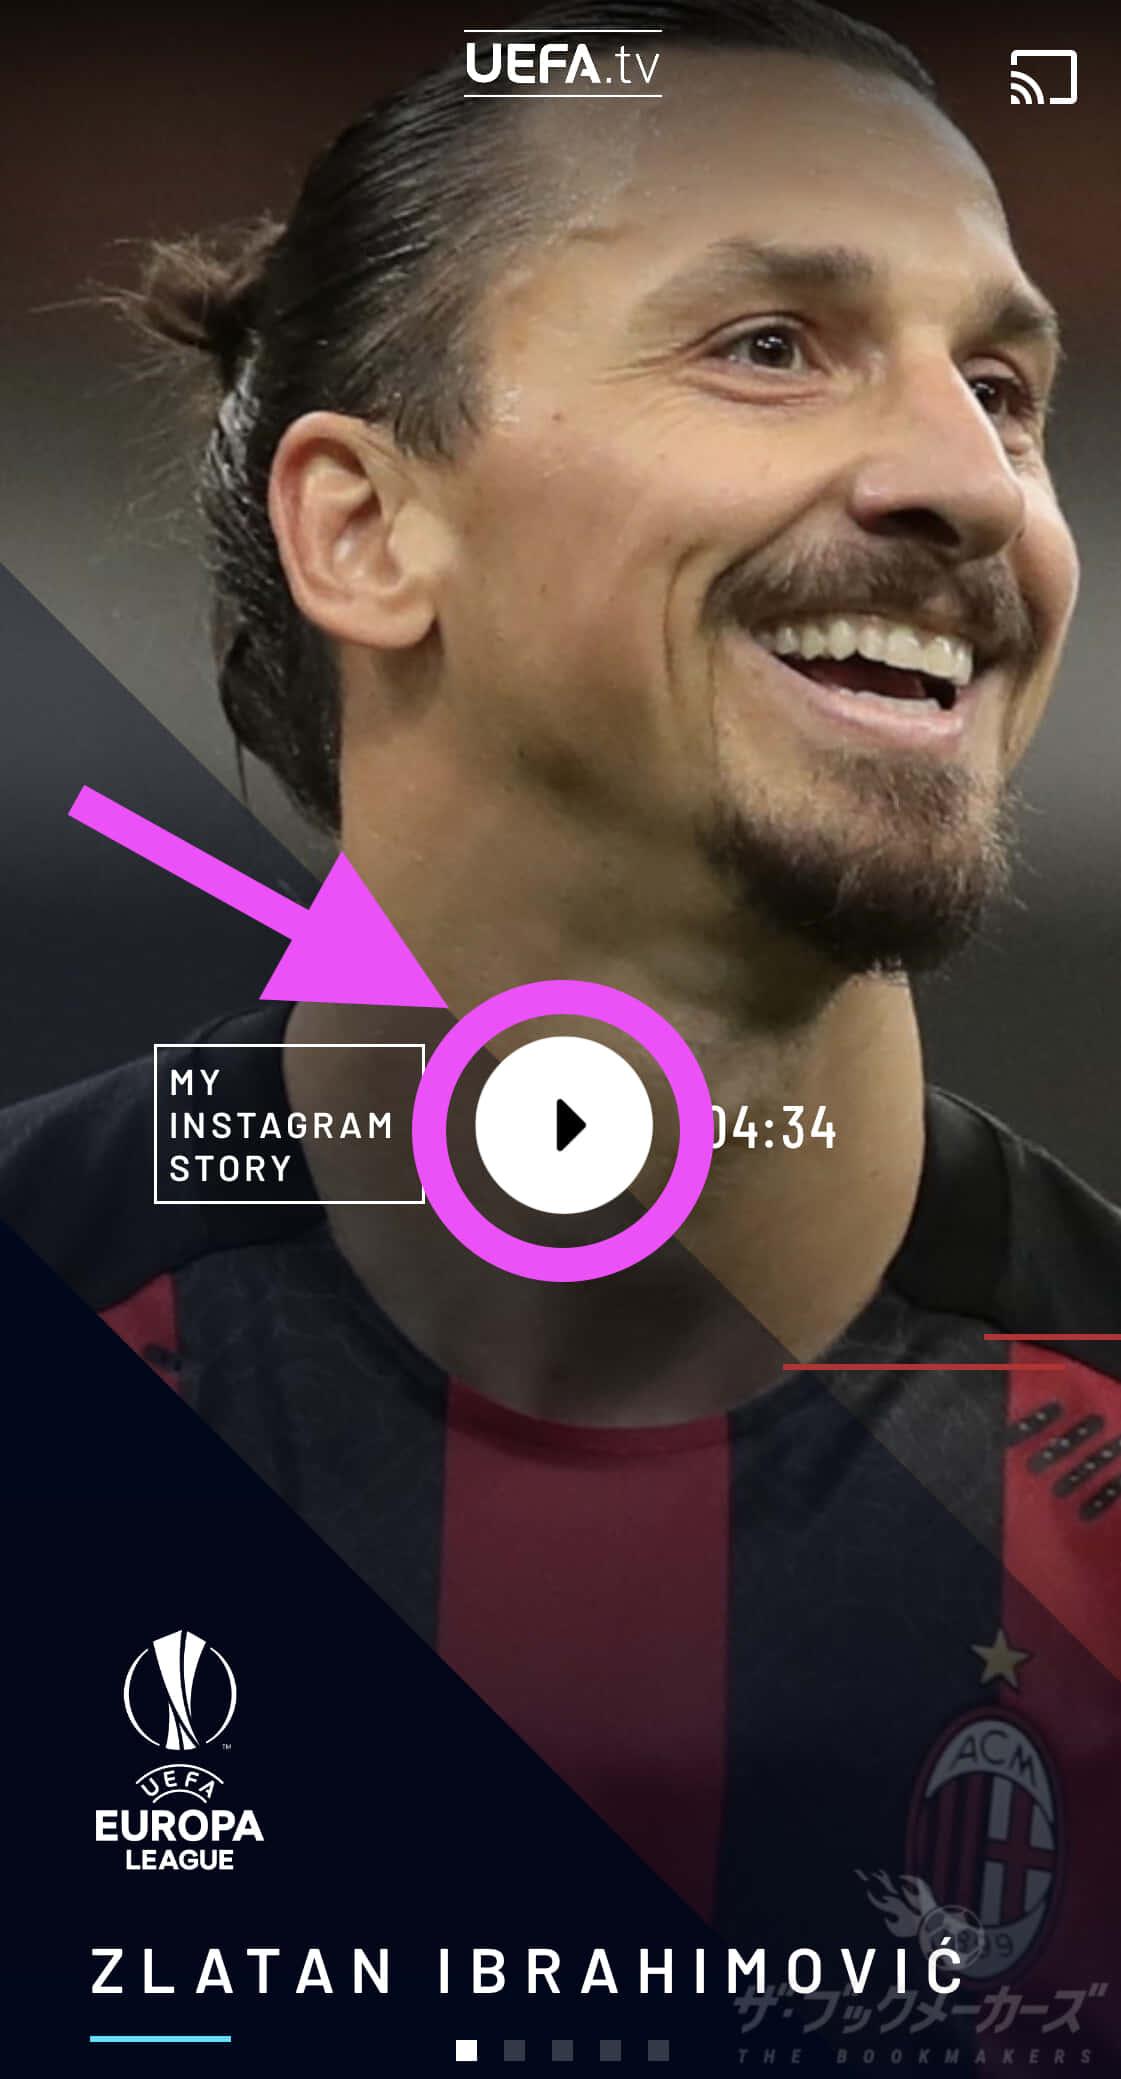 UEFA.tvモバイル